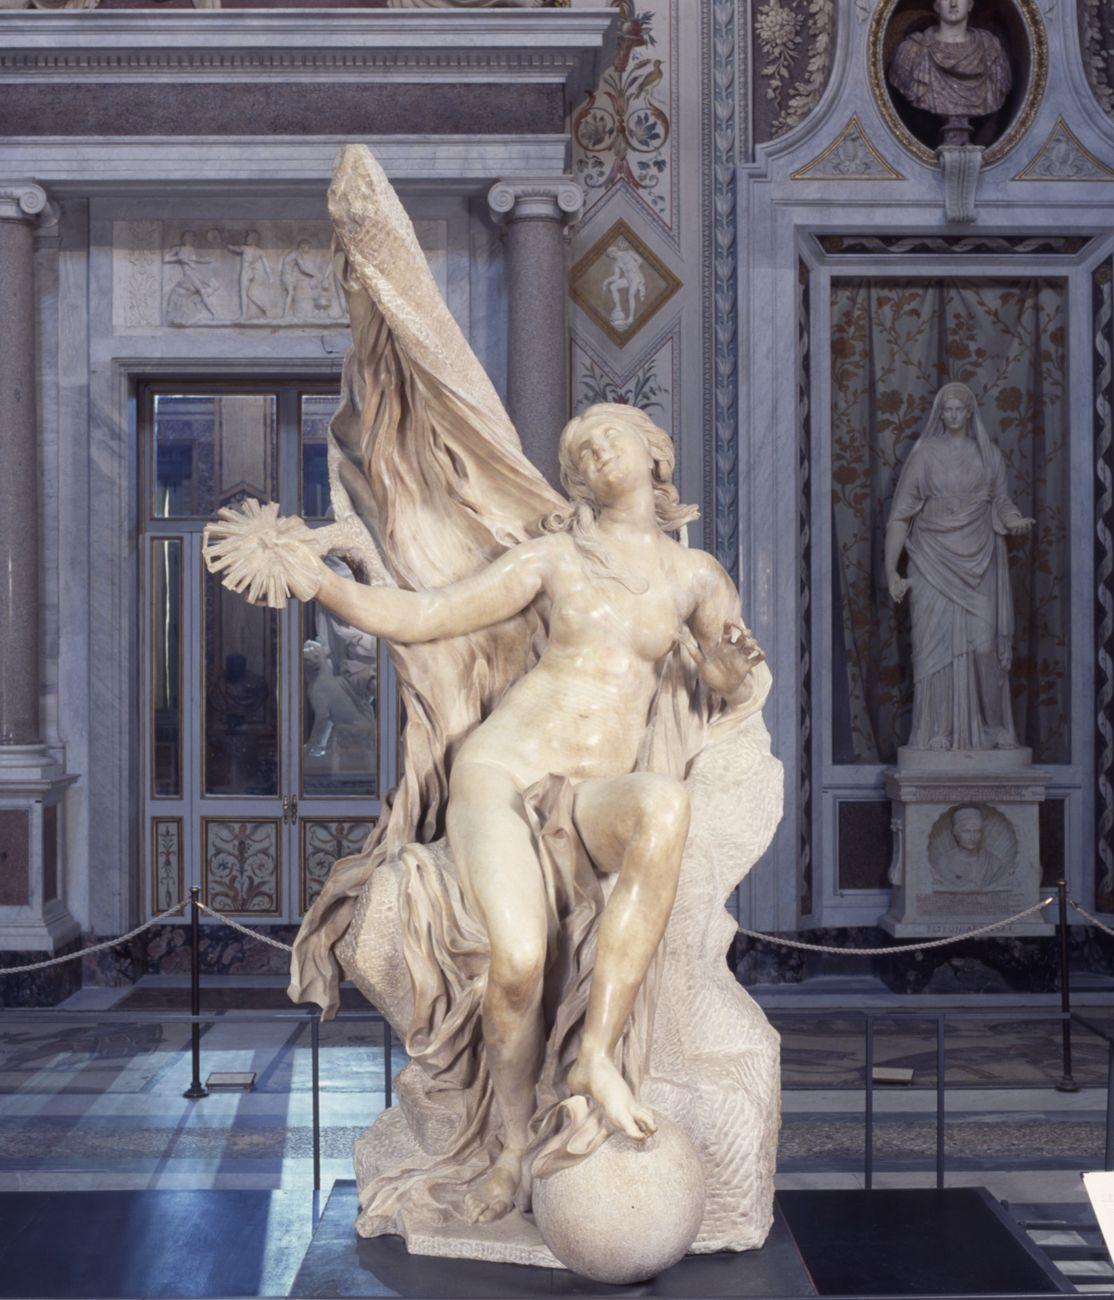 Gian Lorenzo Bernini, La Verità, 1646-52. Galleria Borghese, Roma (c) Ministero dei Beni e delle Attività Culturali e del Turismo - Galleria Borghese